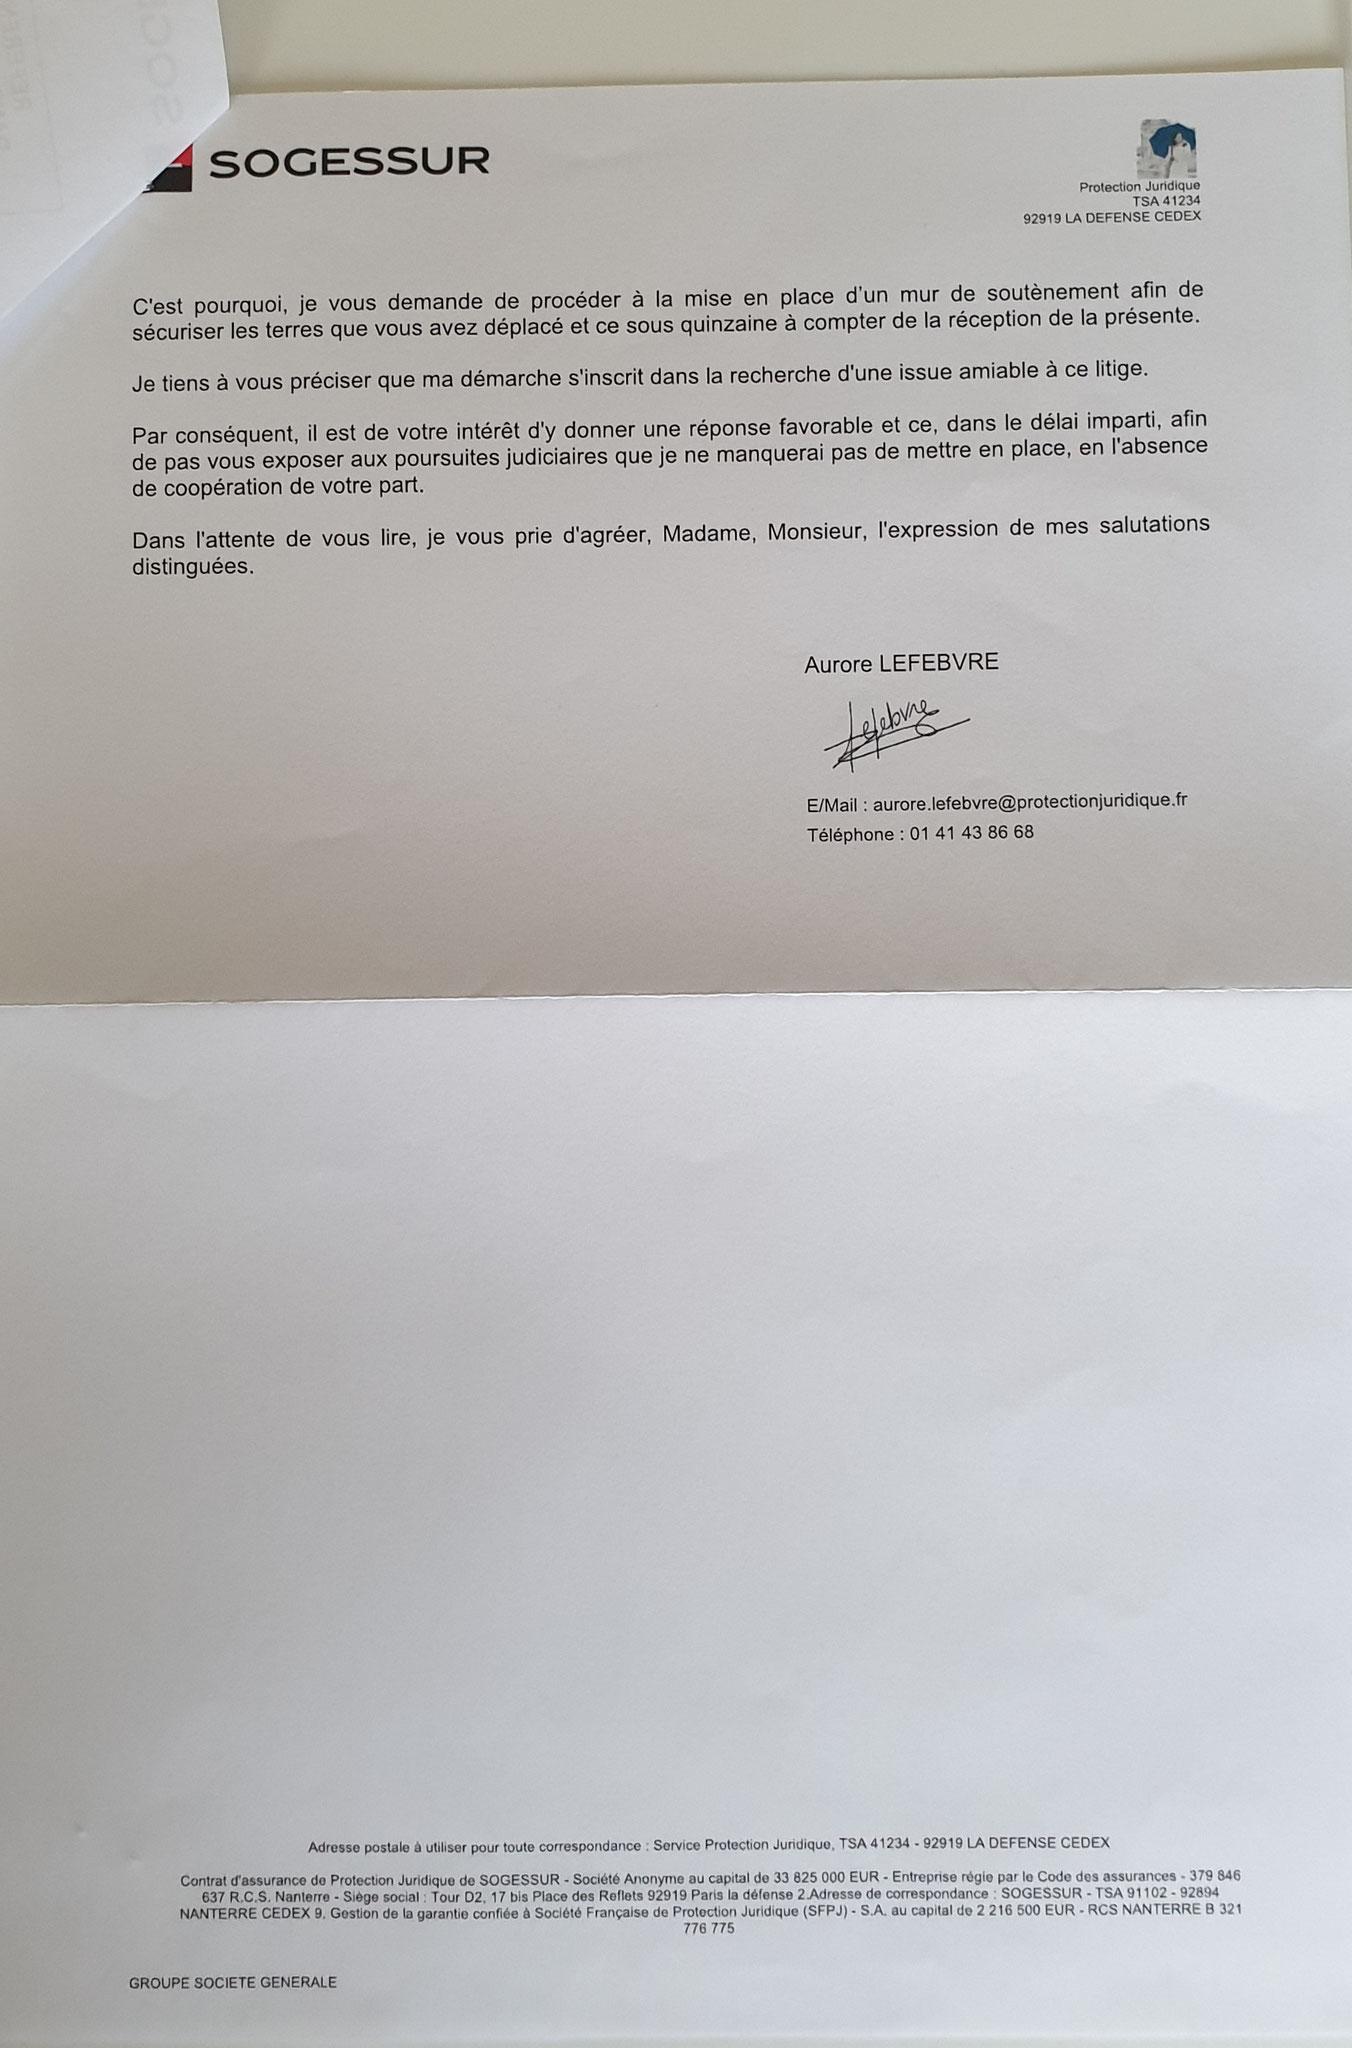 AFFAIRE NOS CHERS VOISINS LRAR Du 15 septembre 2017 N°  2C 124 057 6596 5 (deux pages) www.jesuisvictime.fr www.jesuispatrick.fr www.jenesuispasunchien.fr PARJURE & CORRUPTION